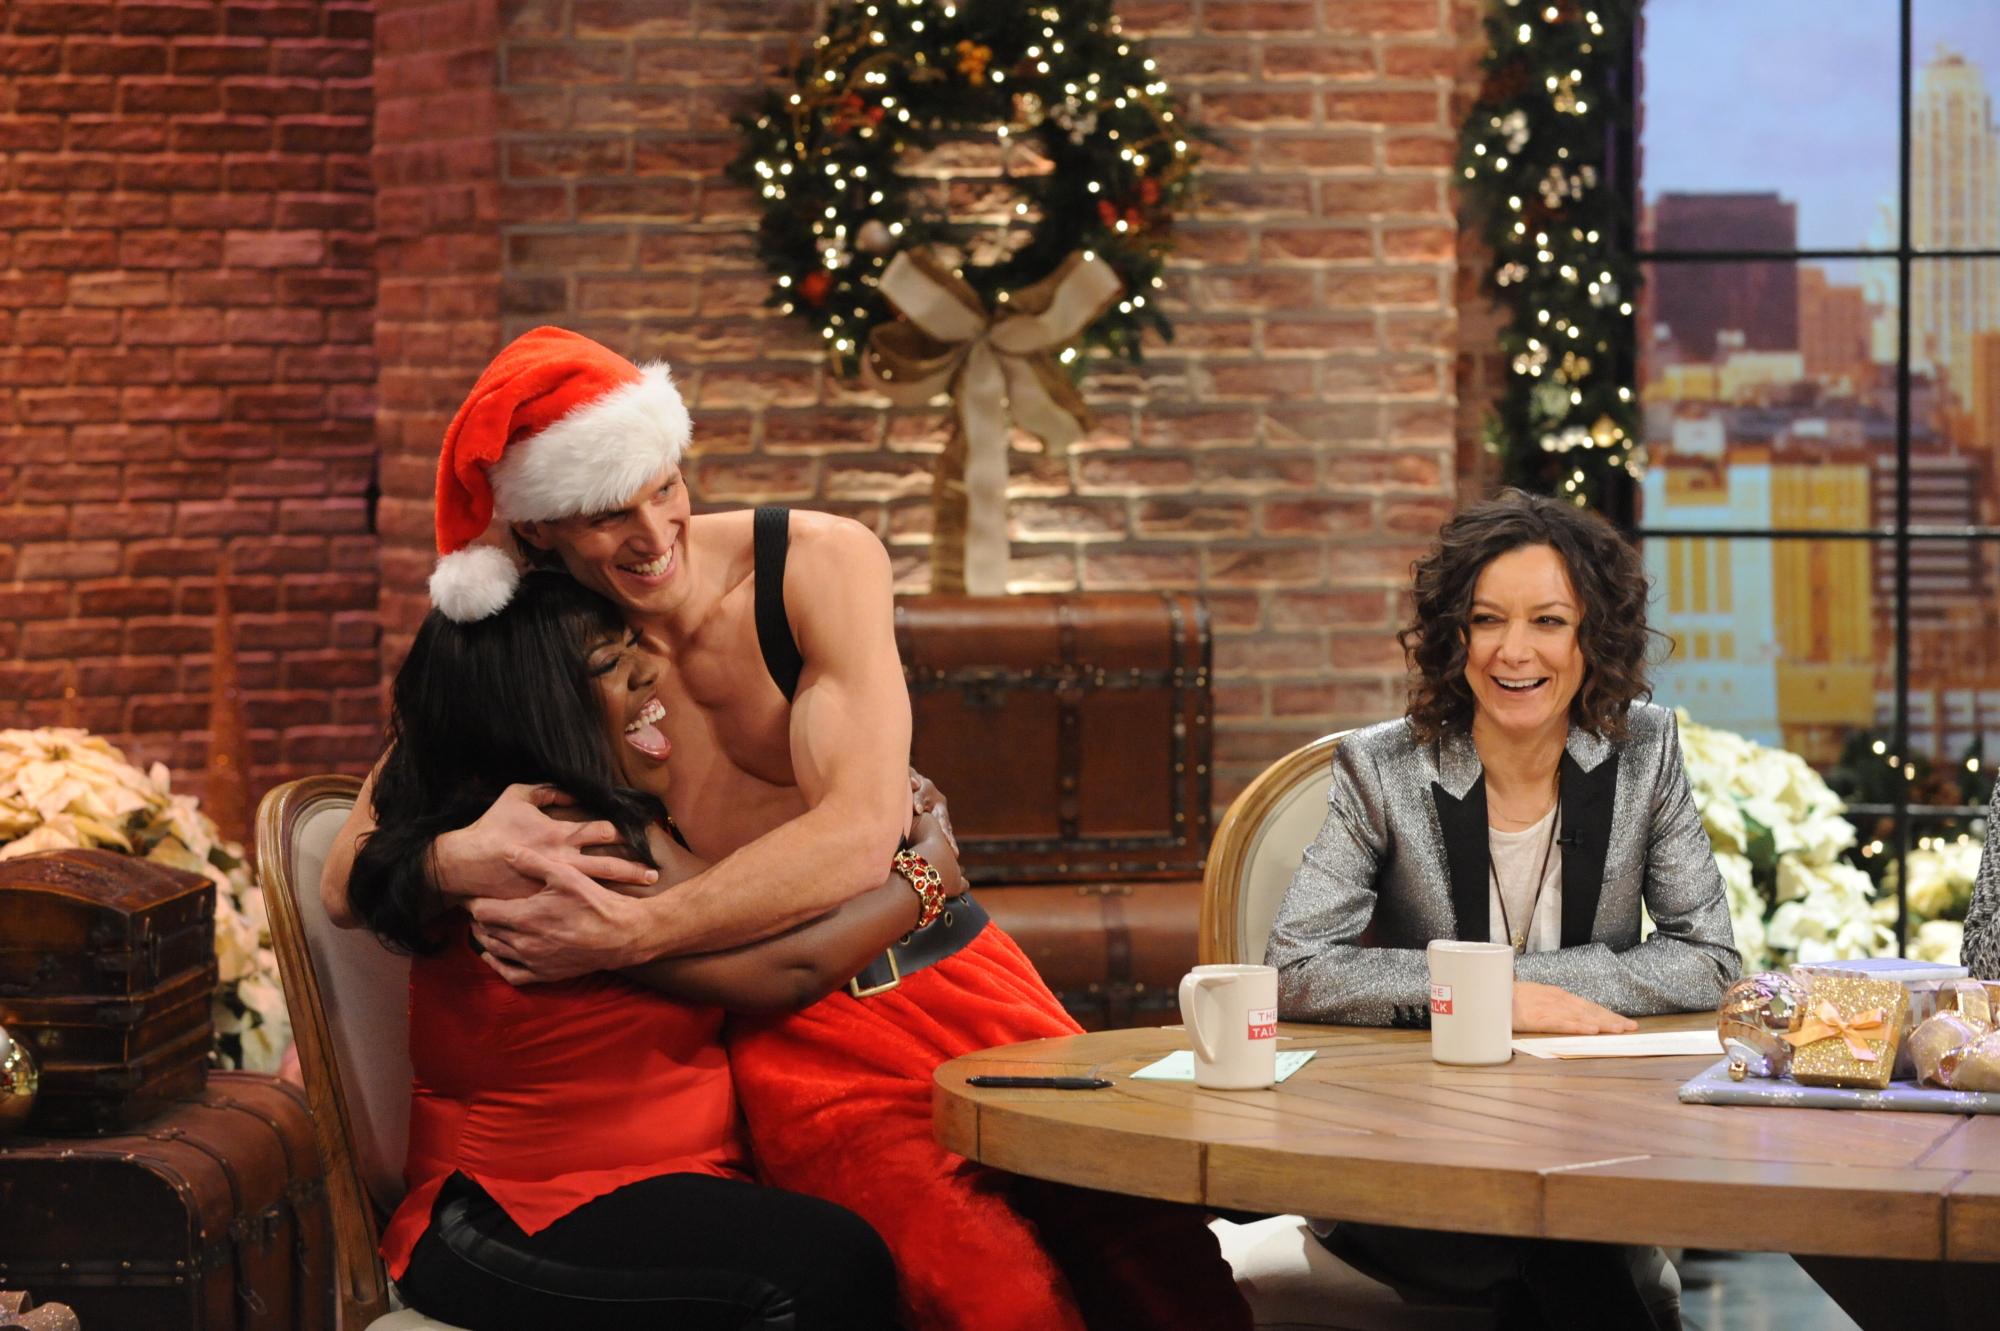 19. Sexy Santa - Happy Holidays!